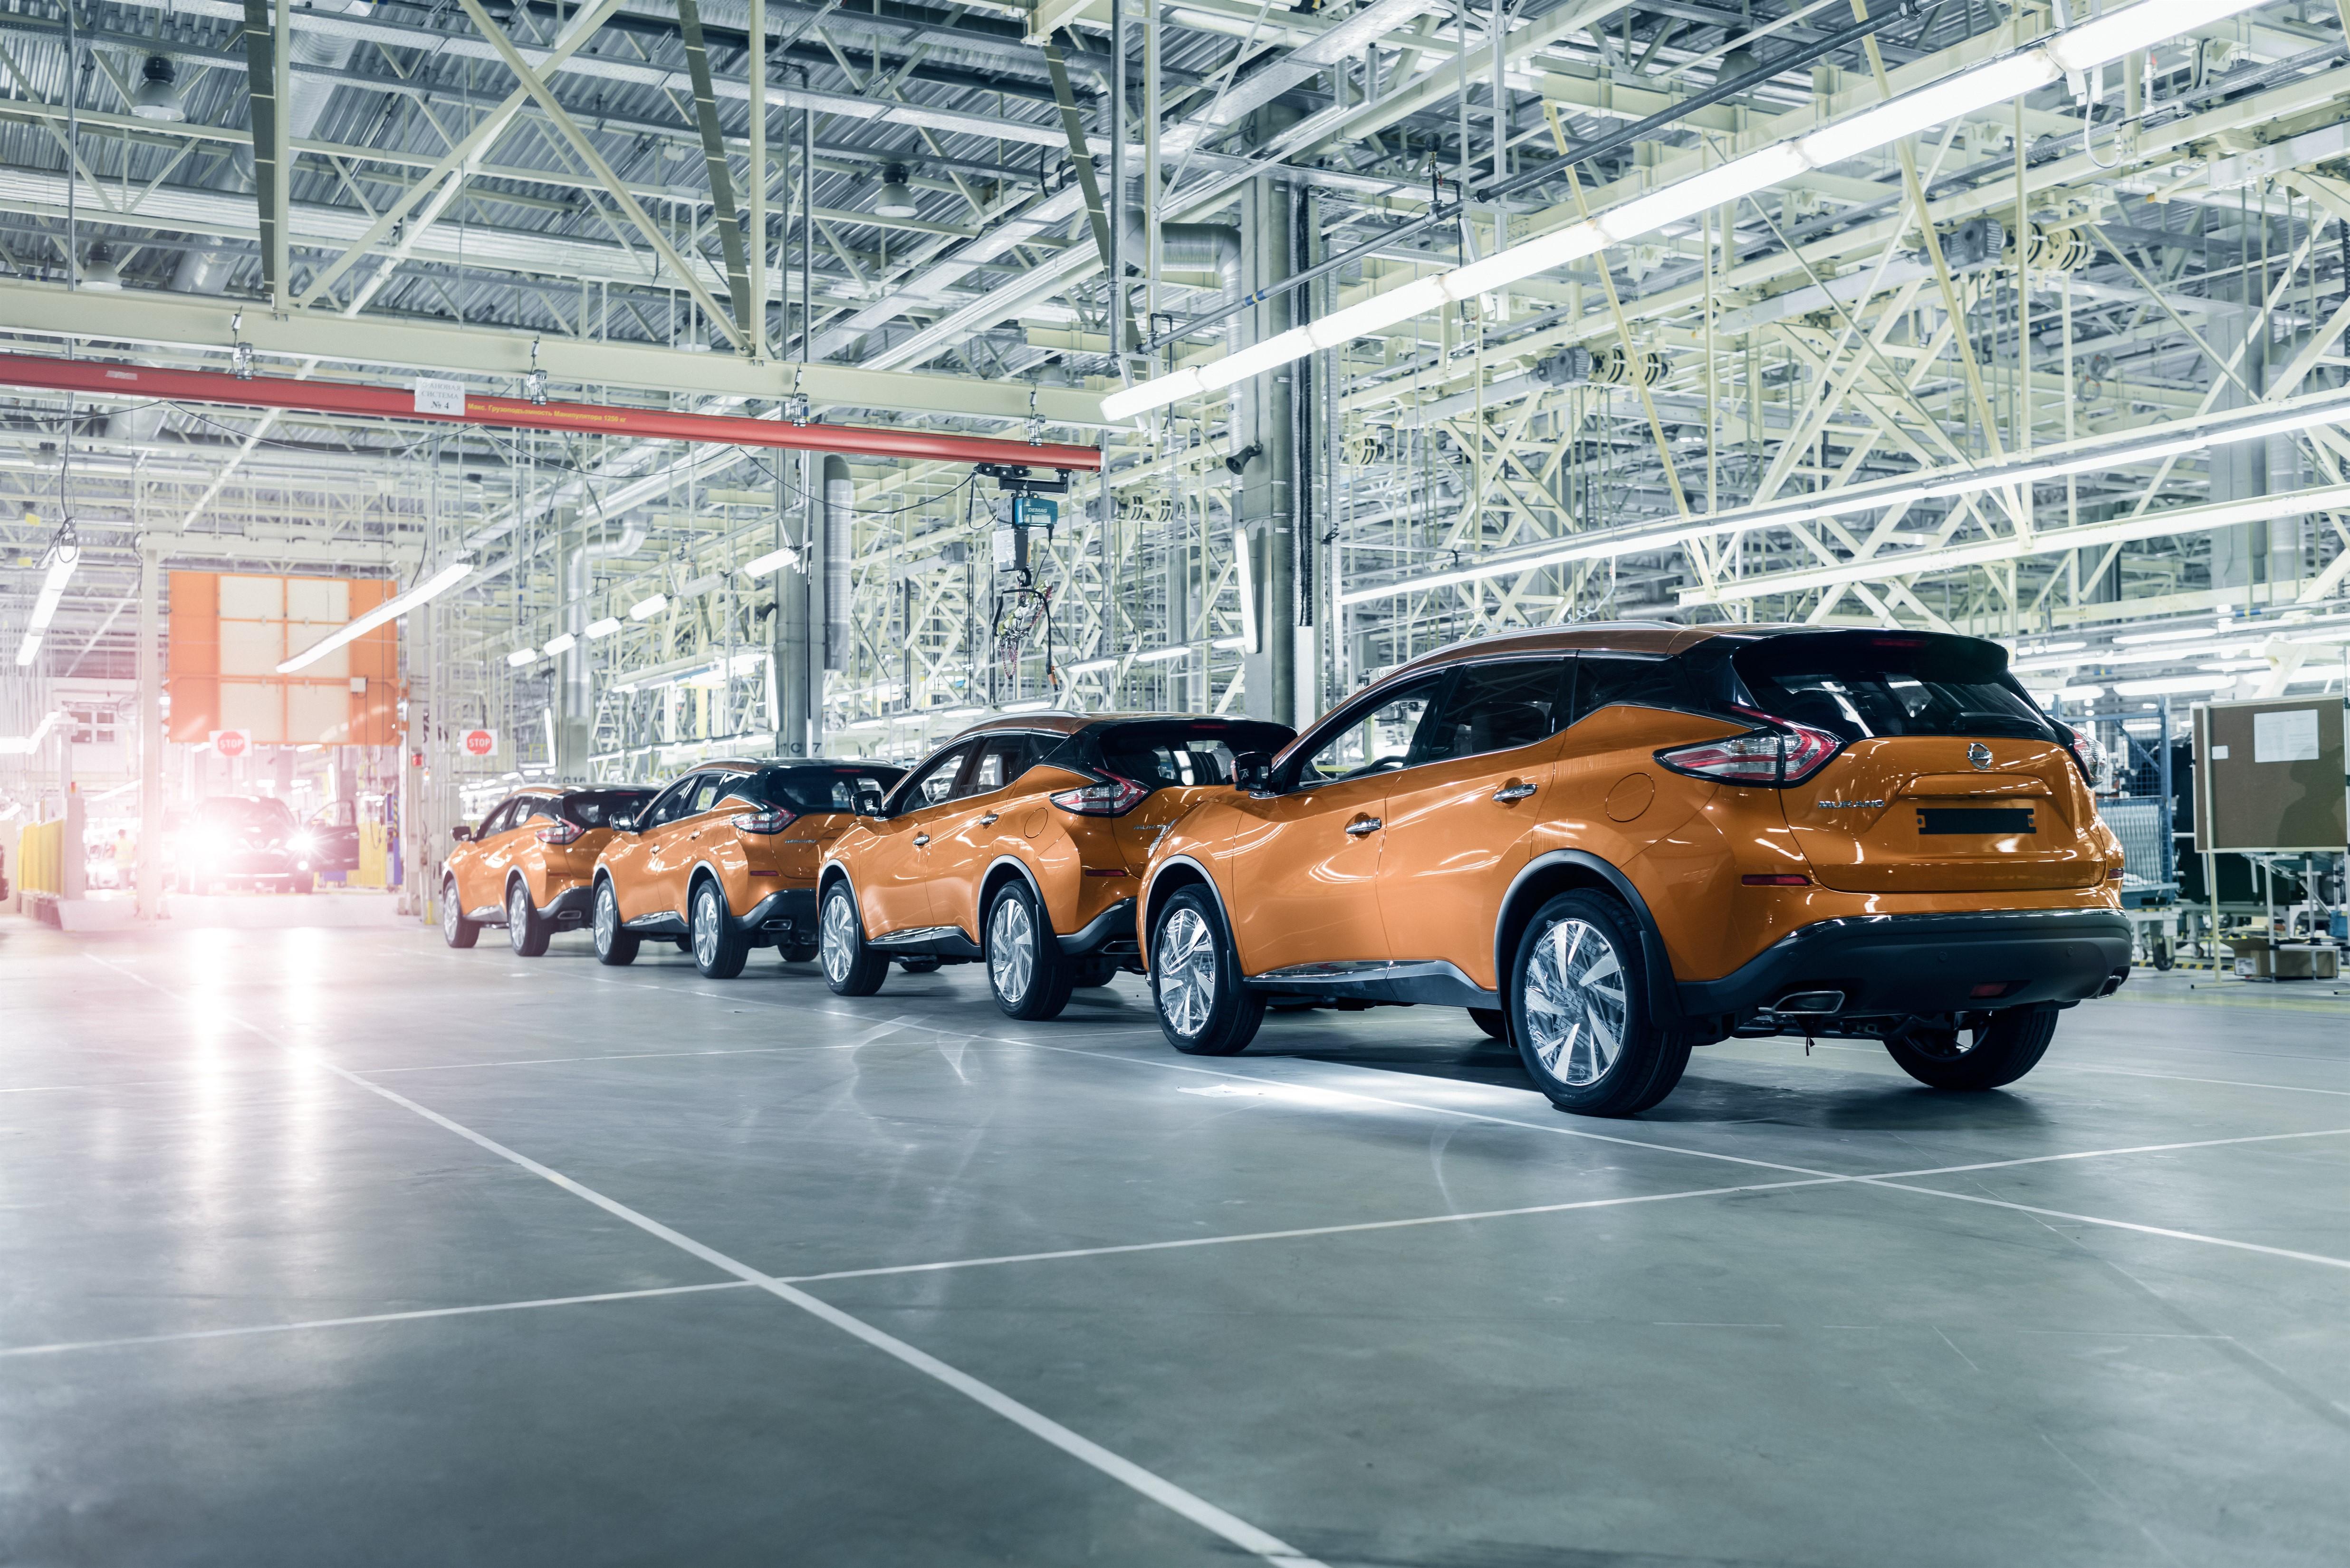 Старт производства нового Nissan Murano: только сухие факты